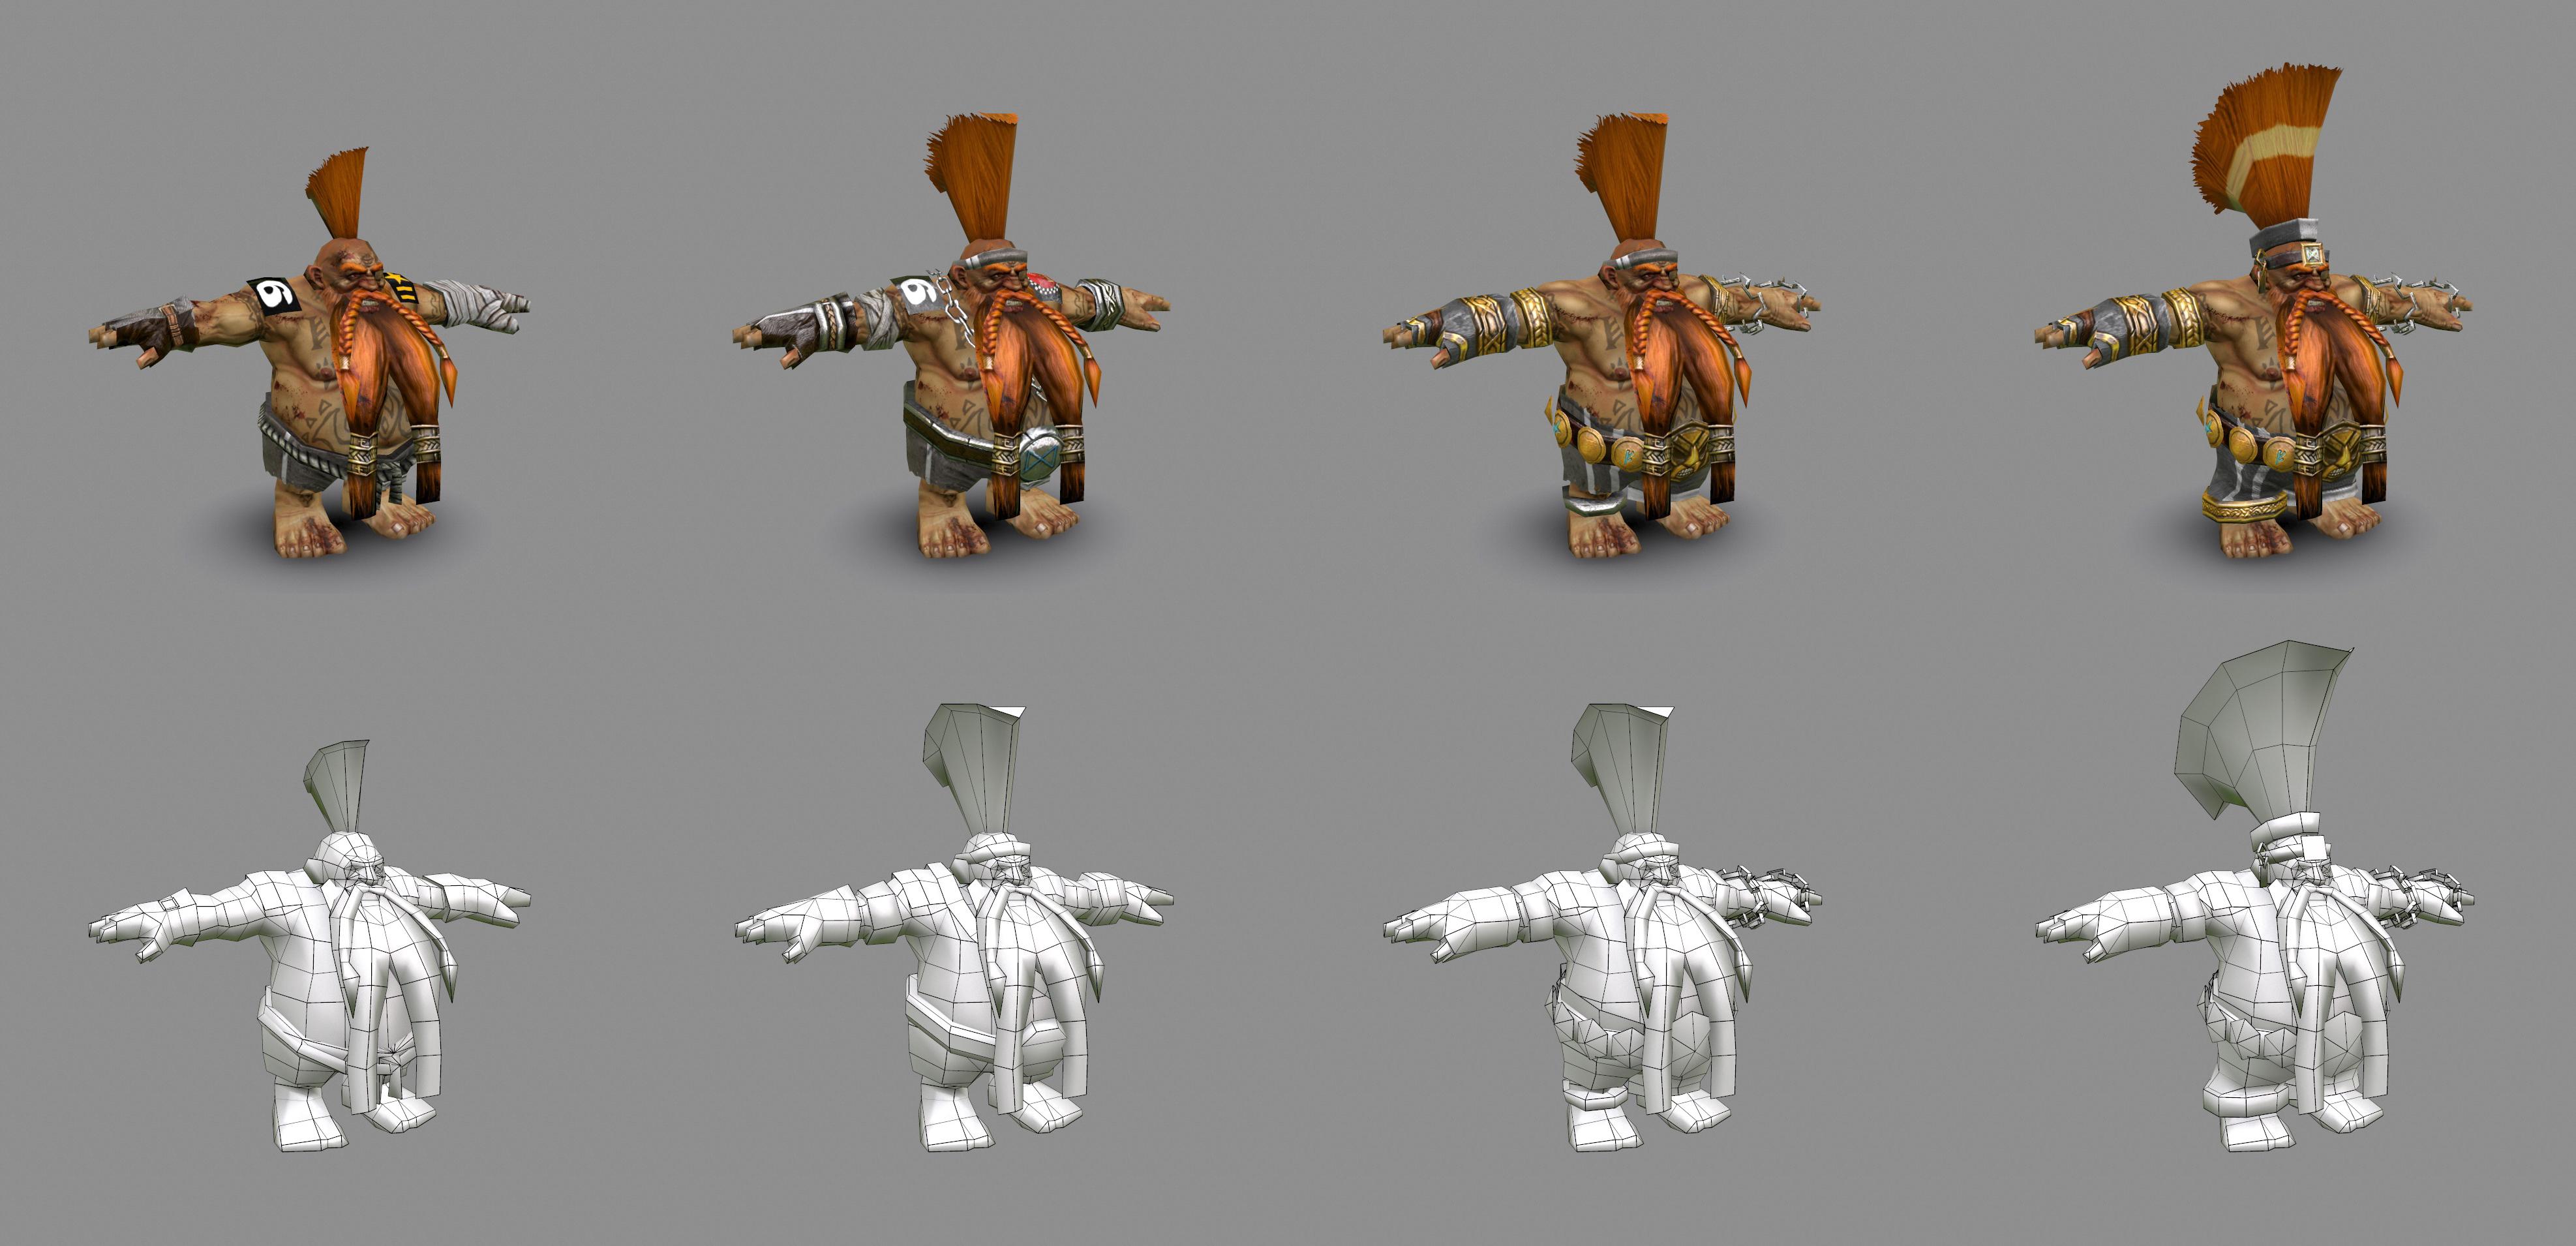 2014_BloodBowl_F.Beudin_Dwarf-TrollSlayer